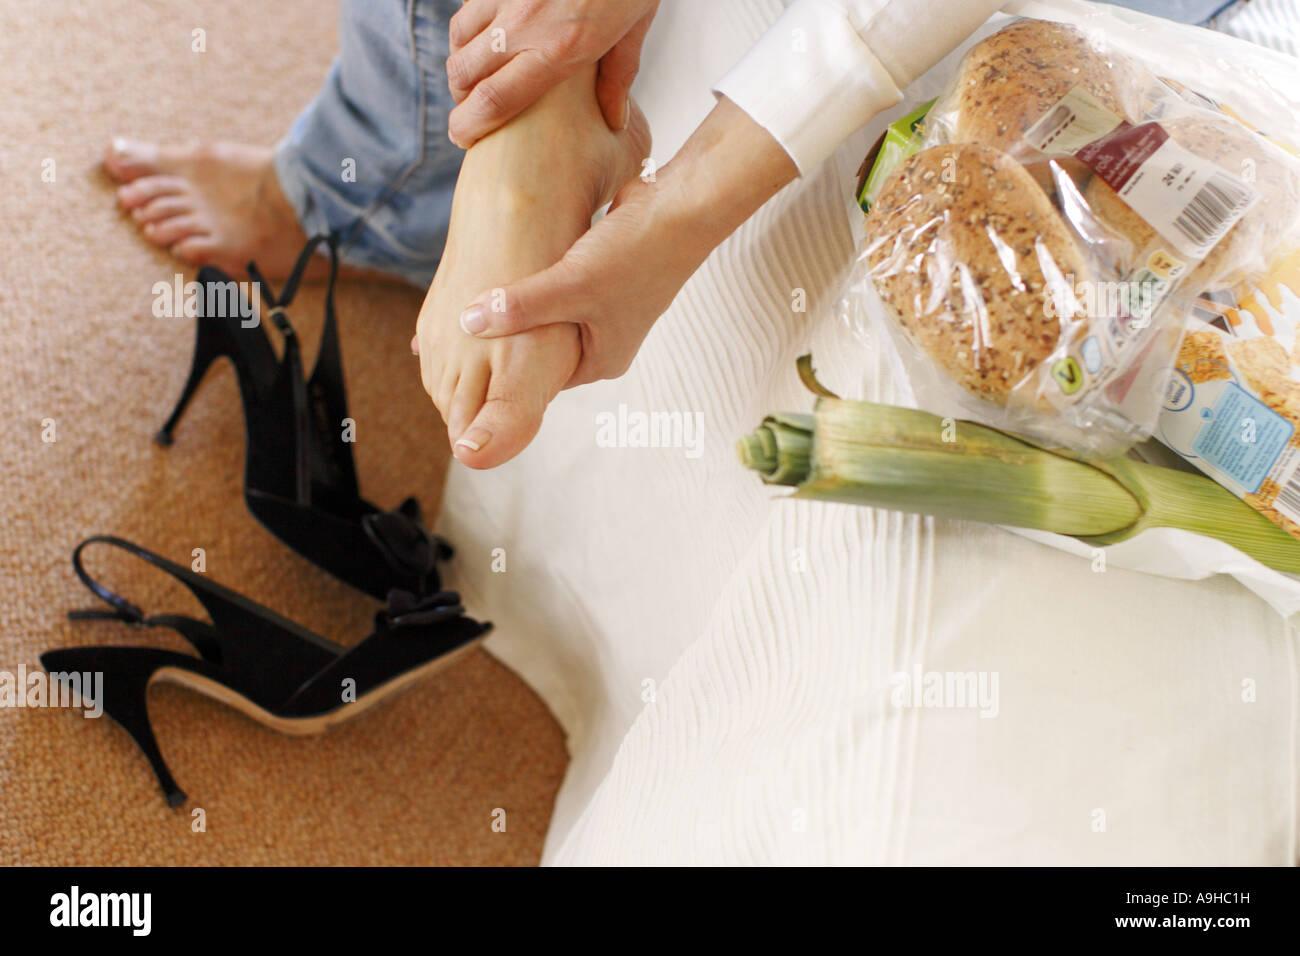 Woman massaging aching feet - Stock Image